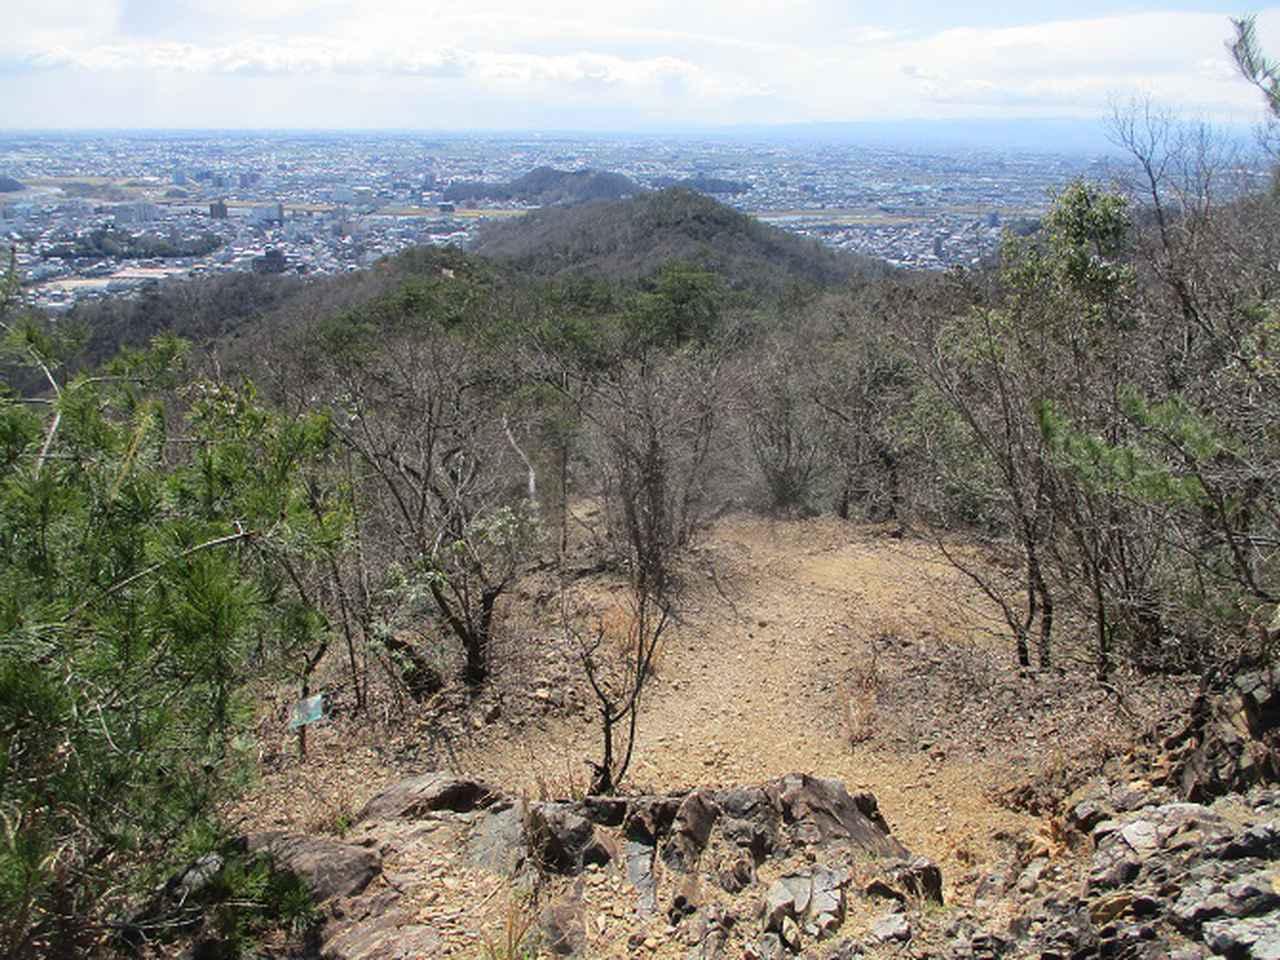 画像4: 4月の山旅会 両崖山から天狗山 ツアーの下見に行ってきました!